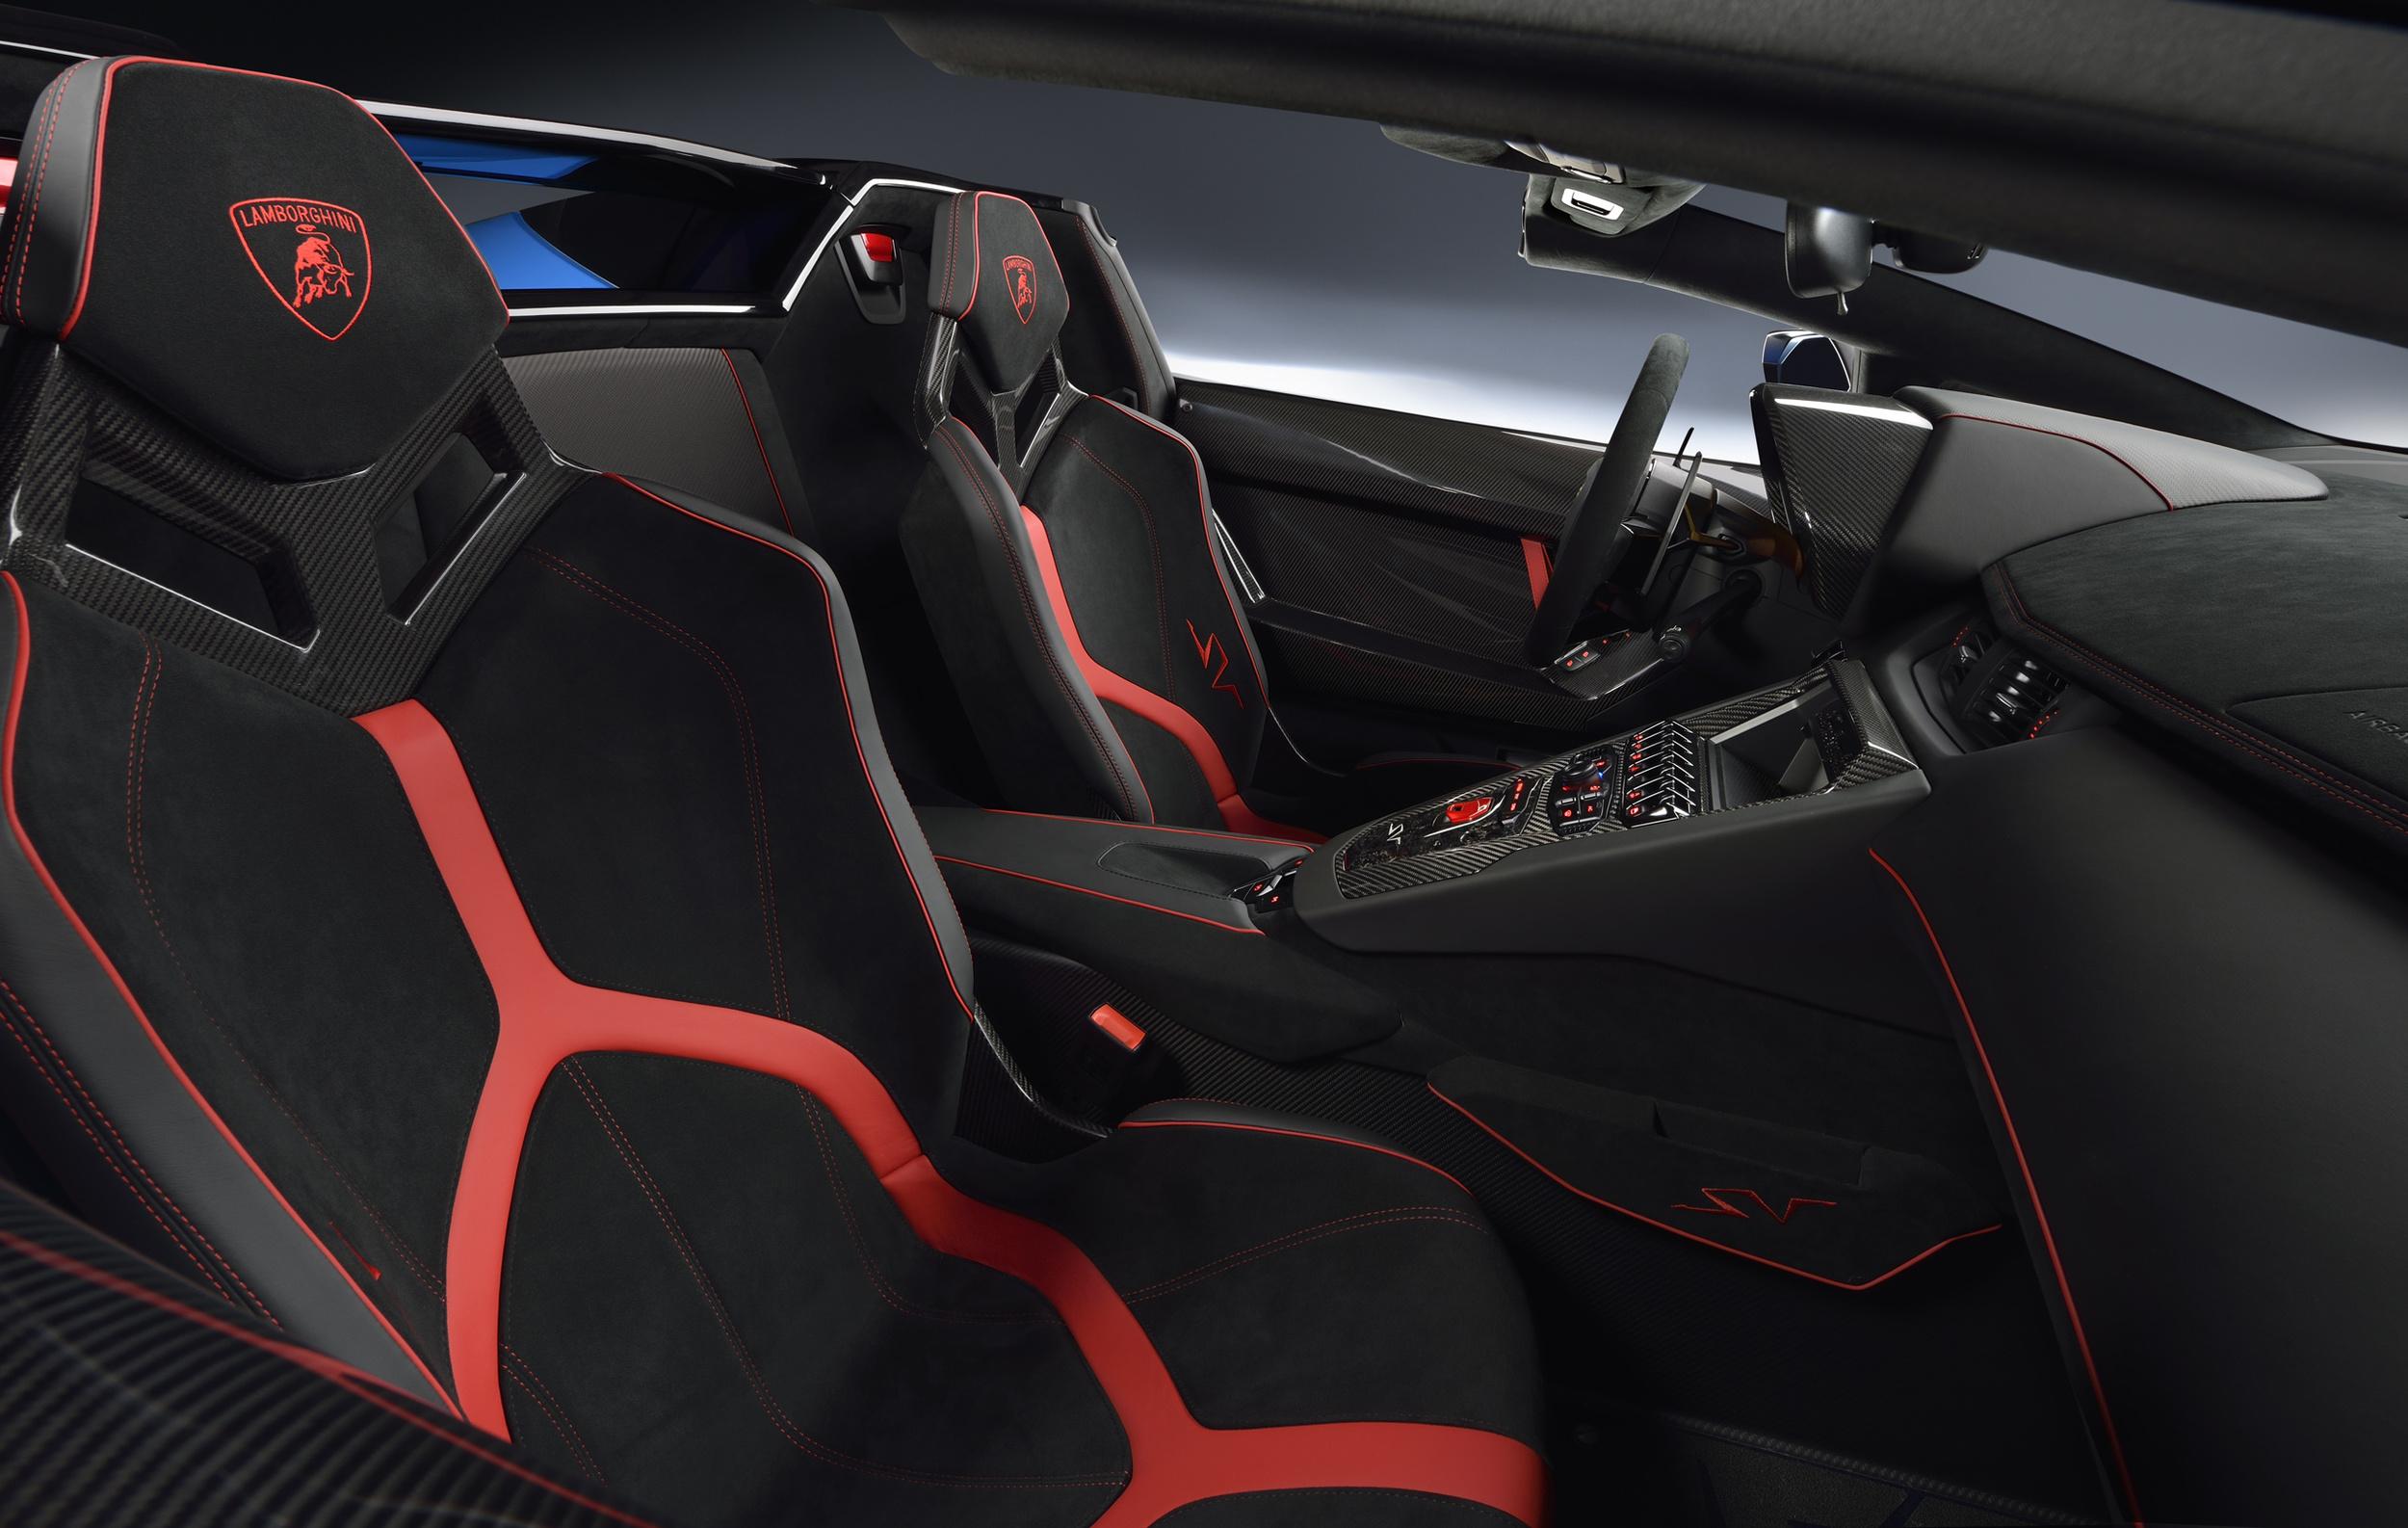 Lamborghini unveils Aventador LP 750-4 SV Roadster